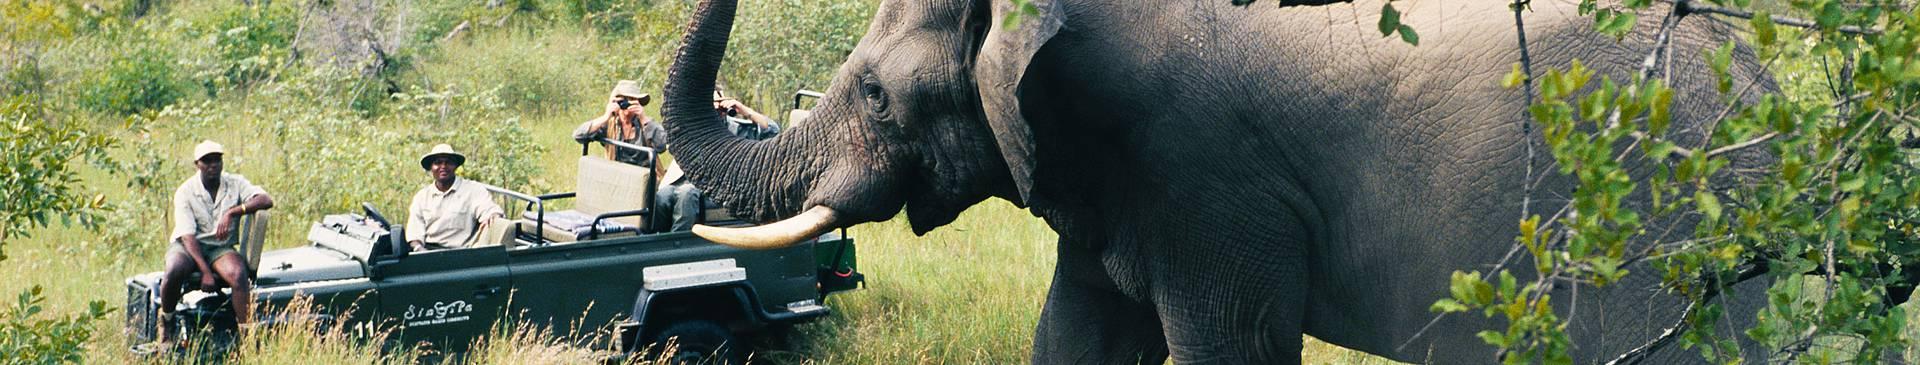 Safari Reisen Südafrika